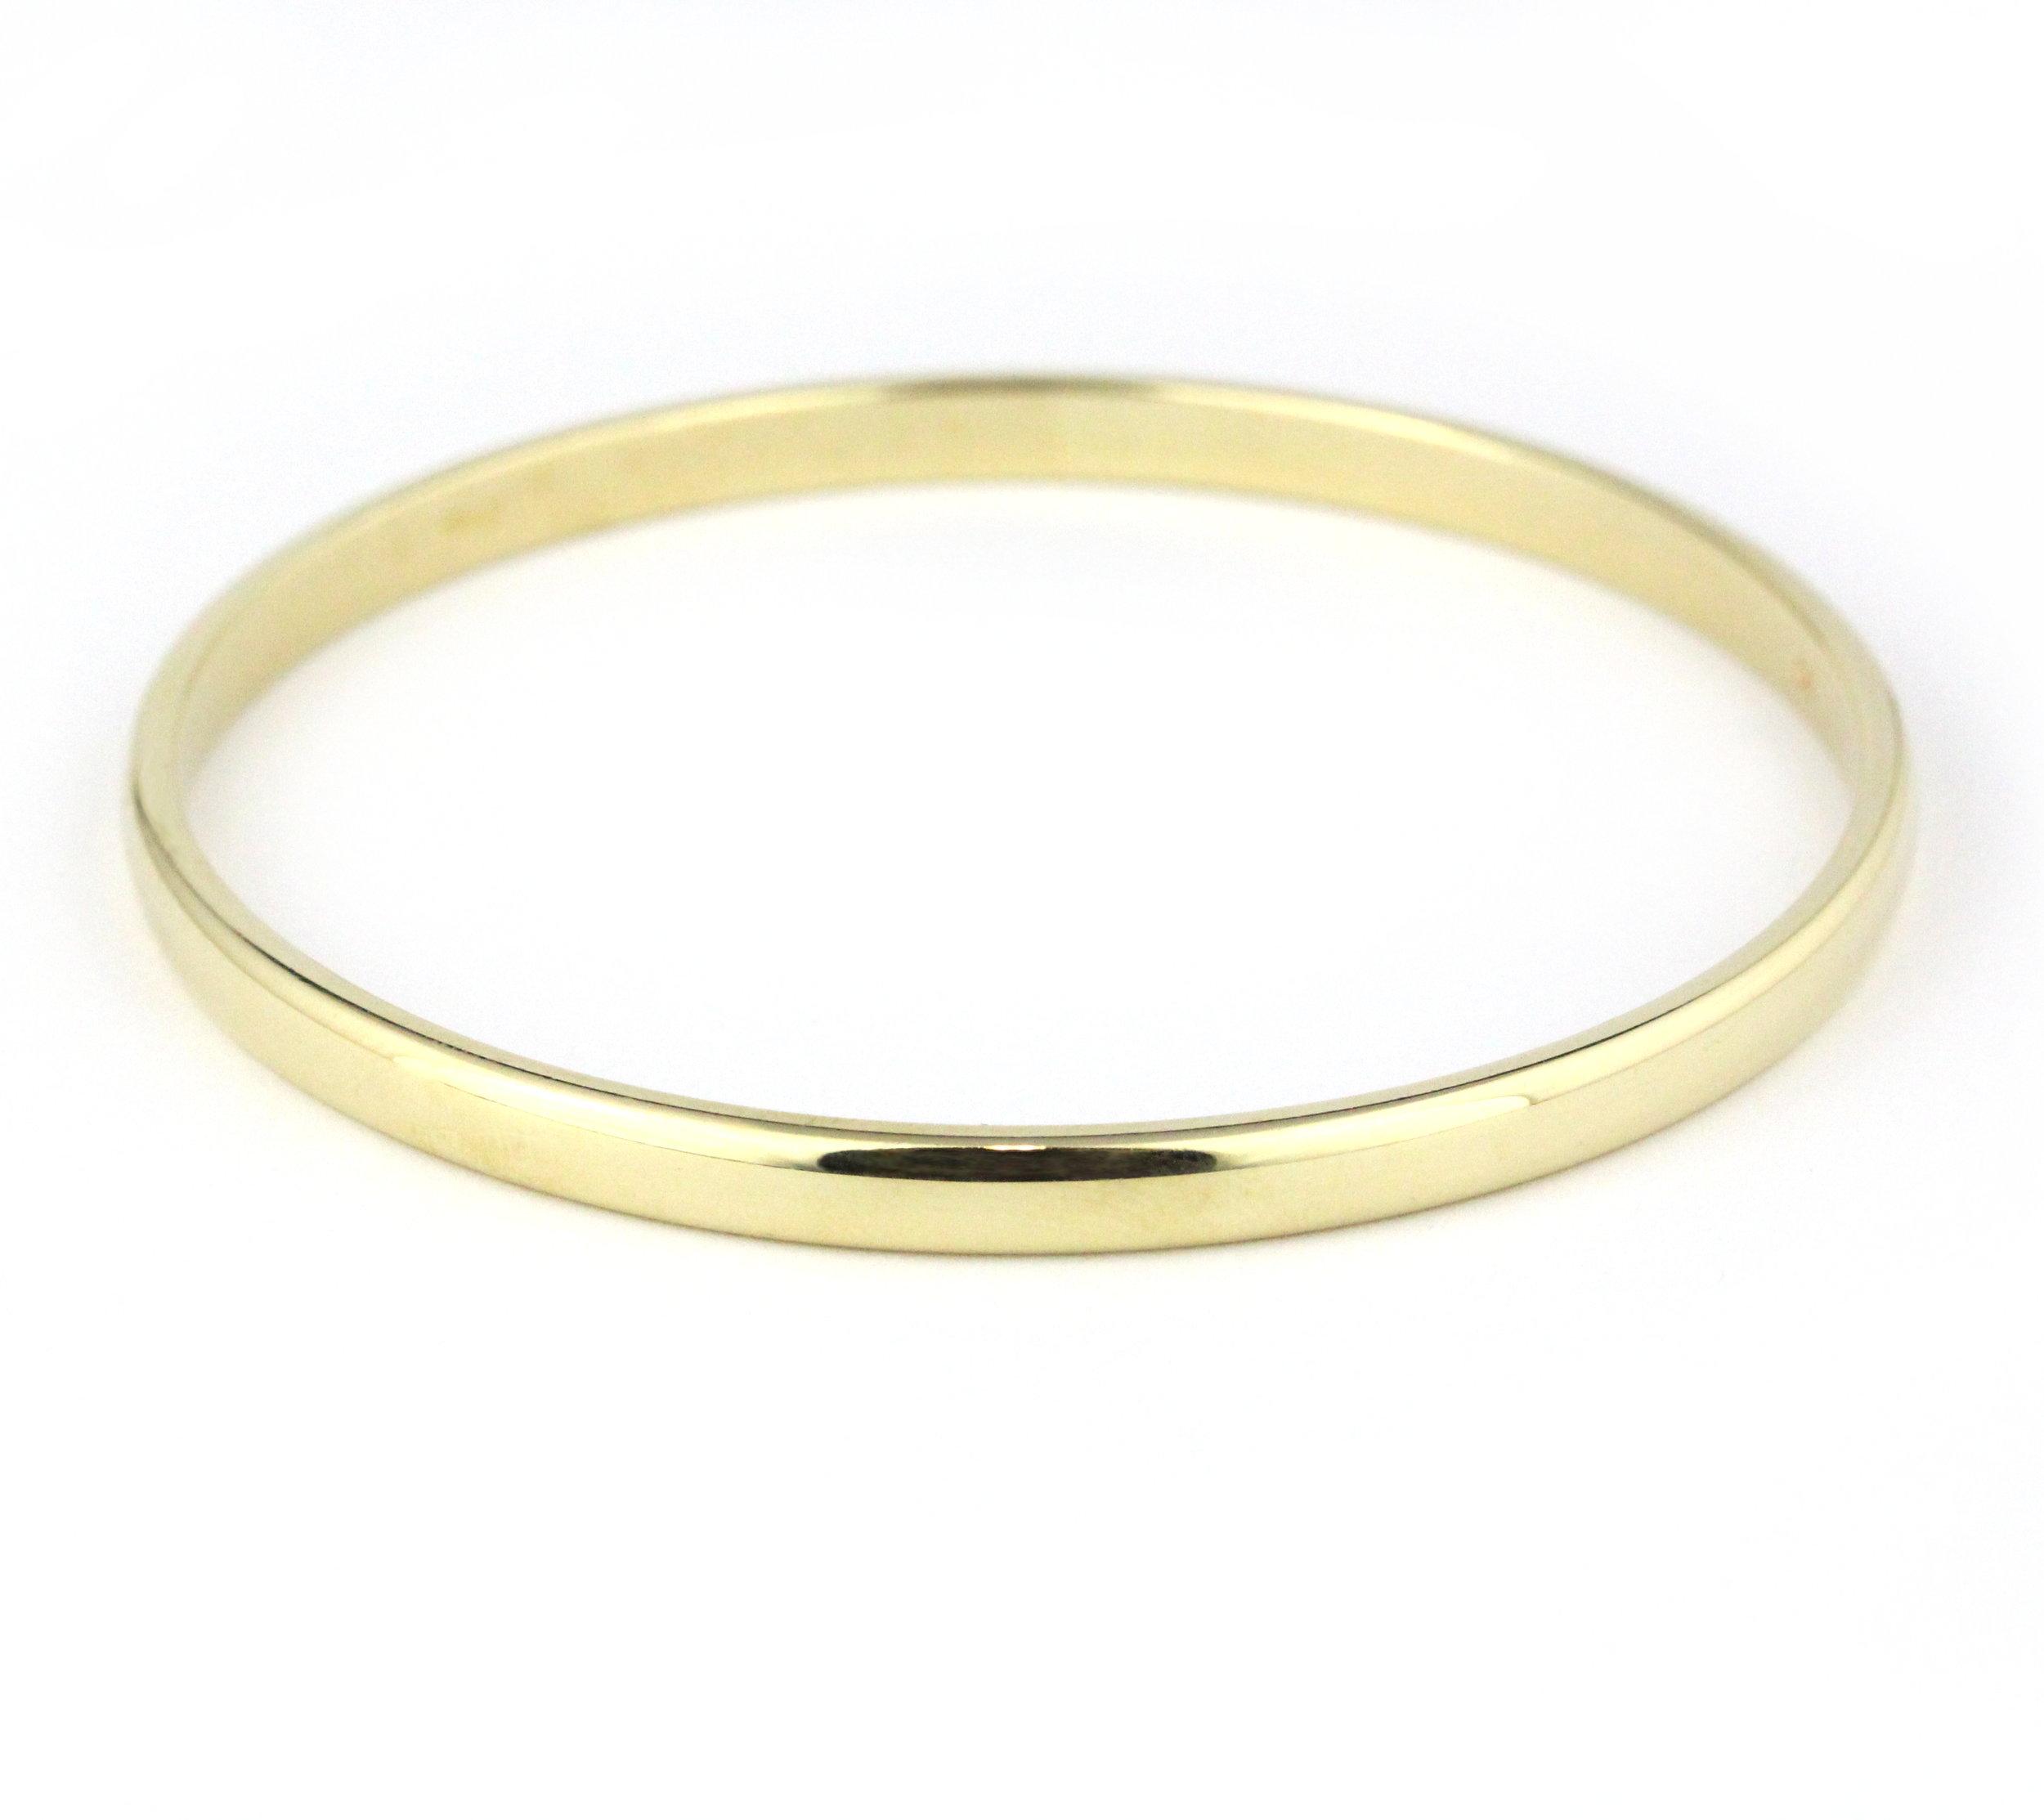 Thick yellow gold half round bangle.